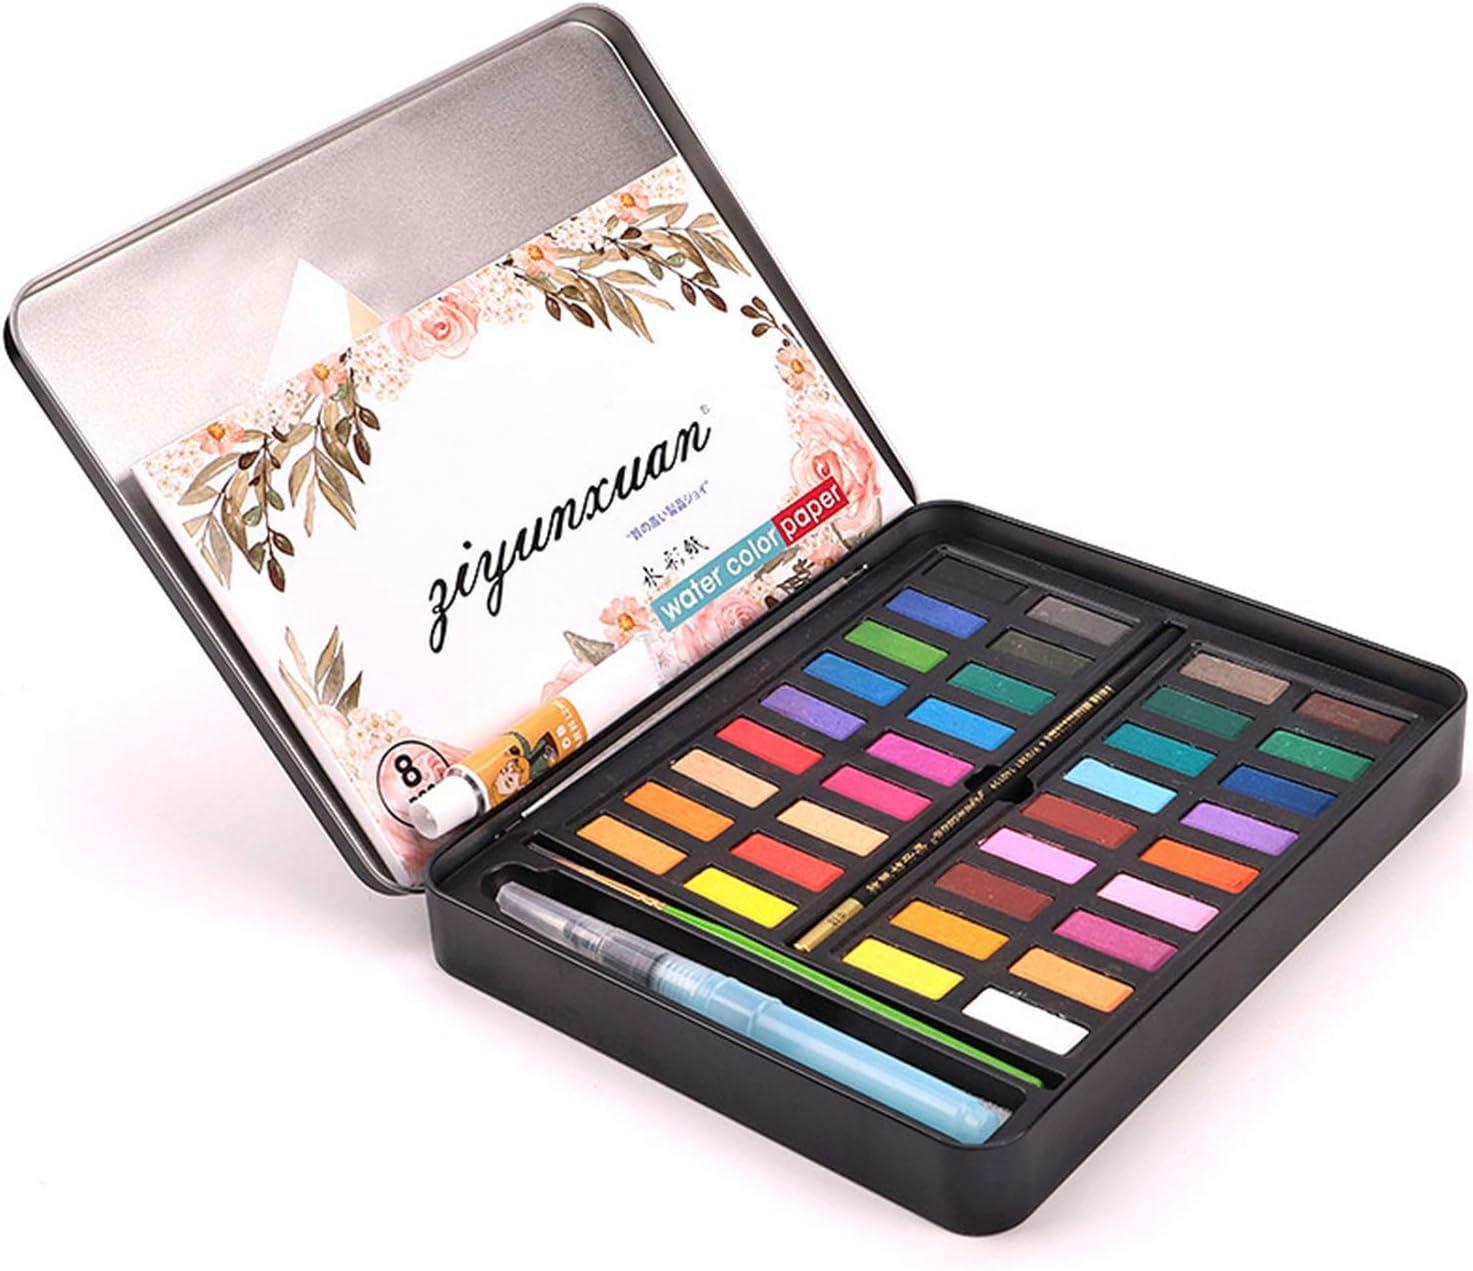 Juego de acuarelas clásicas, 36 colores de acuarela + 3 lápices, acuarelas en caja de metal, ideal para pintar con acuarelas: Amazon.es: Oficina y papelería